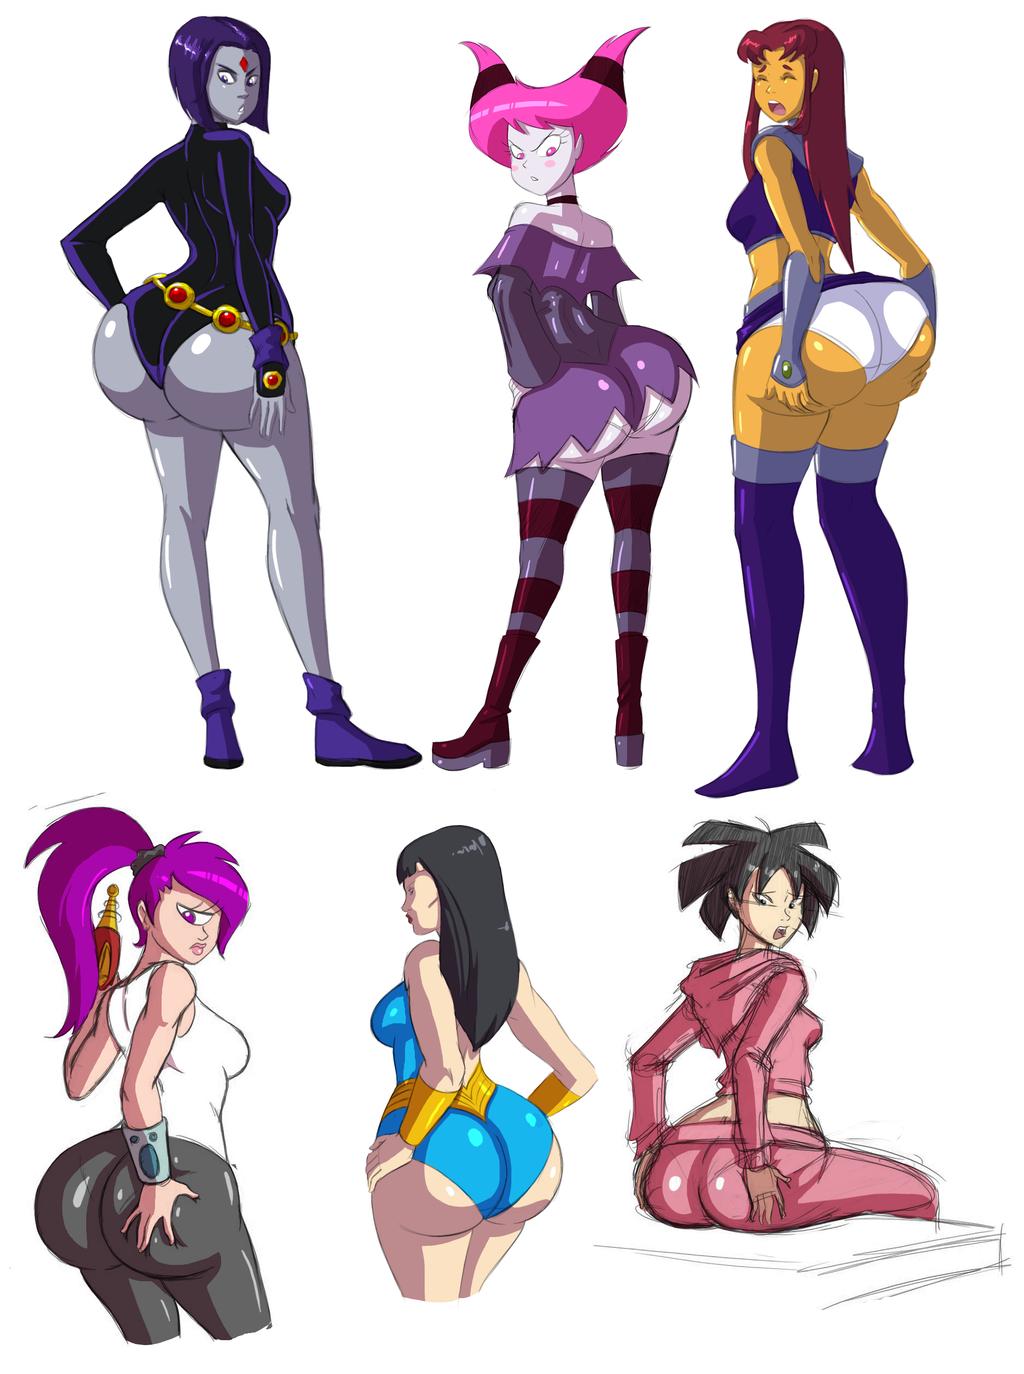 nudist women cartoon